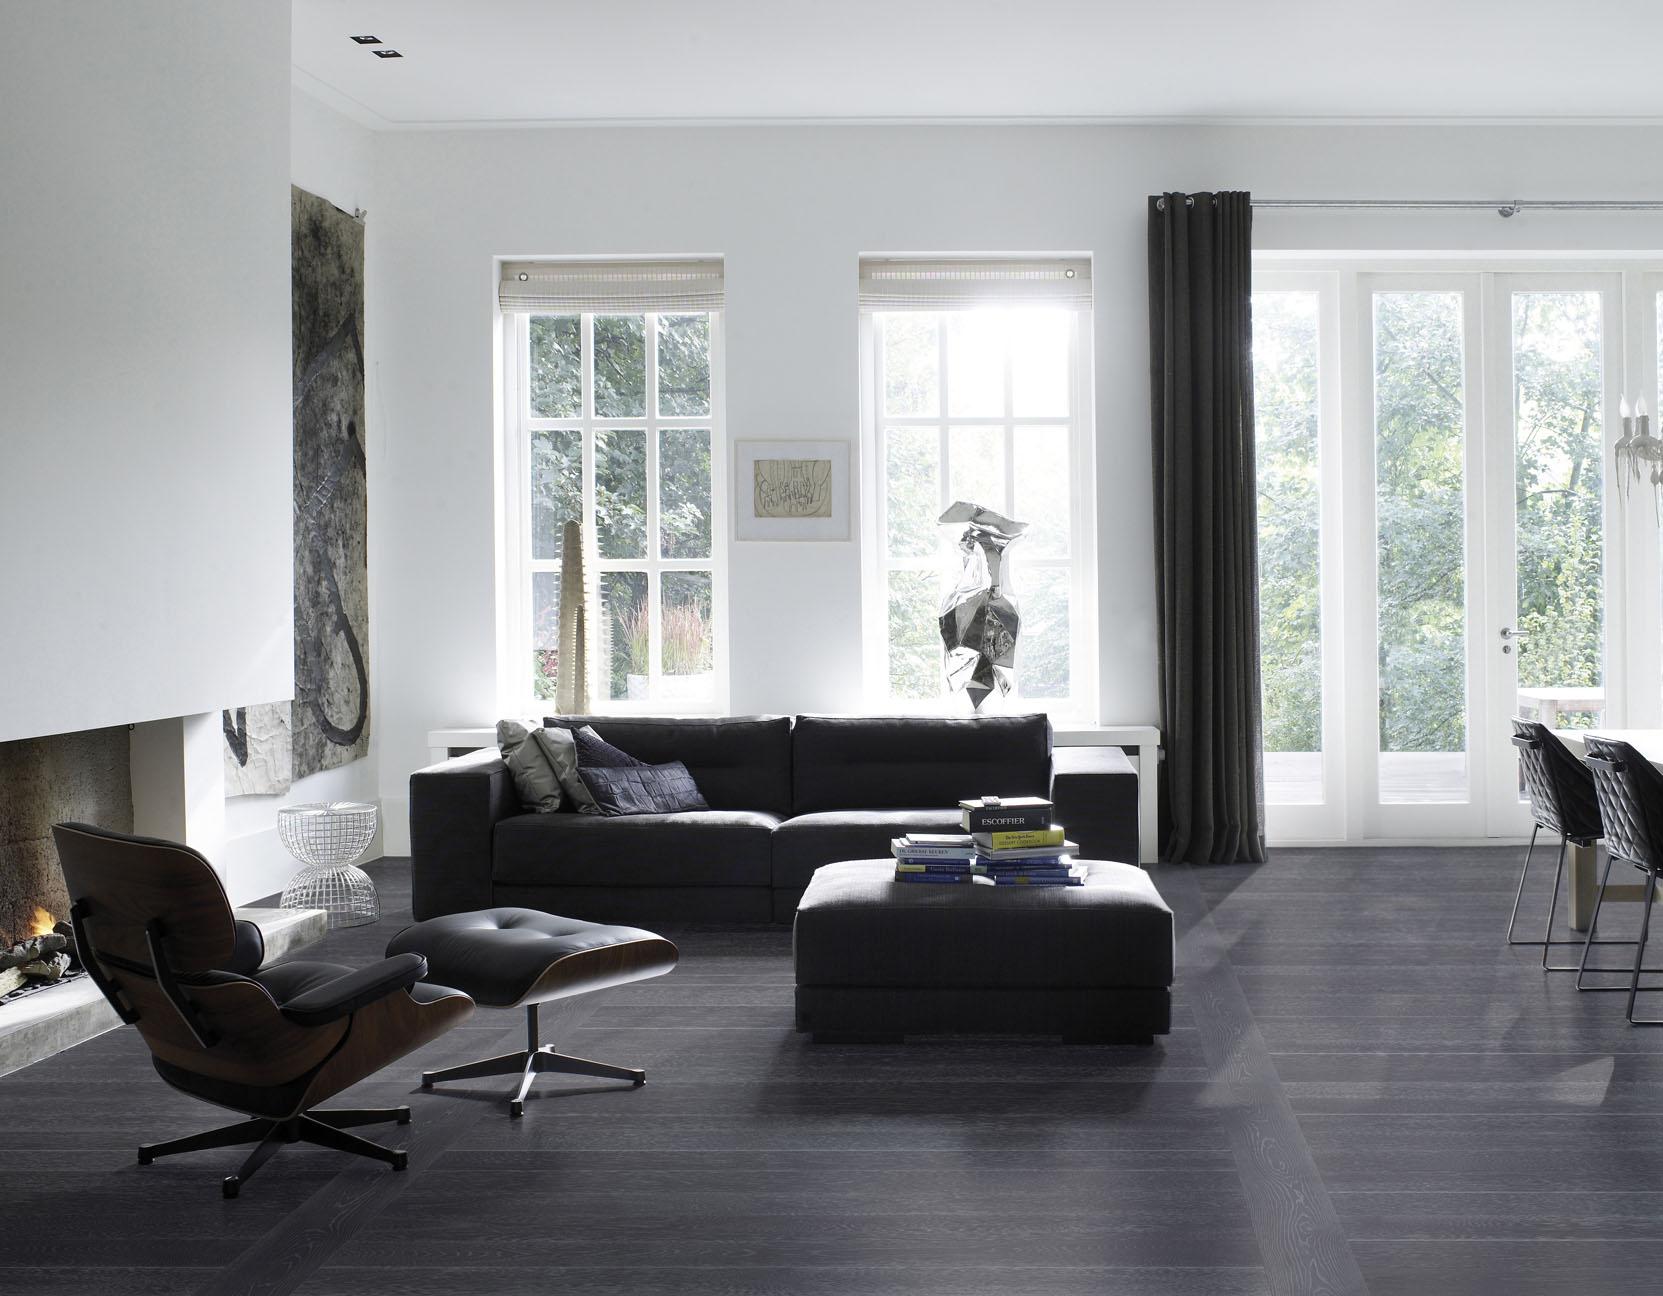 Houten vloer | Solidfloor by Piet Boon #houtenvloer #pietboon #solidfloor #interieur